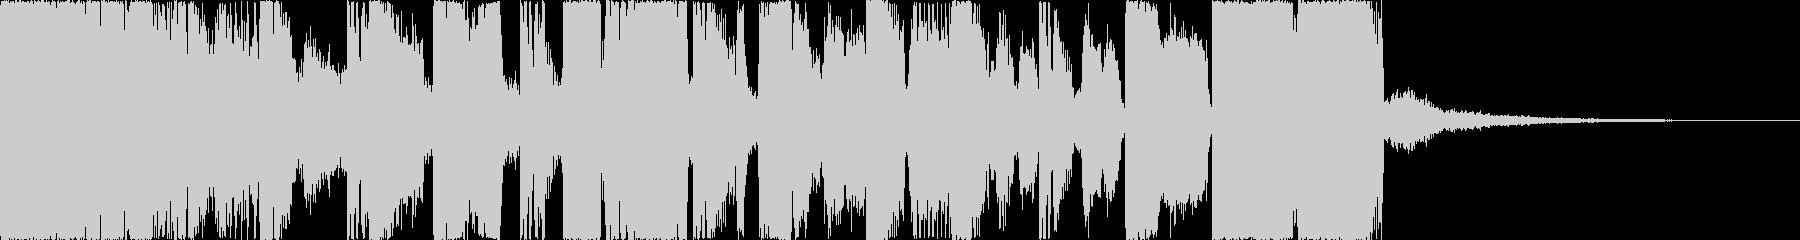 派手、デジタルな印象のジングル5の未再生の波形